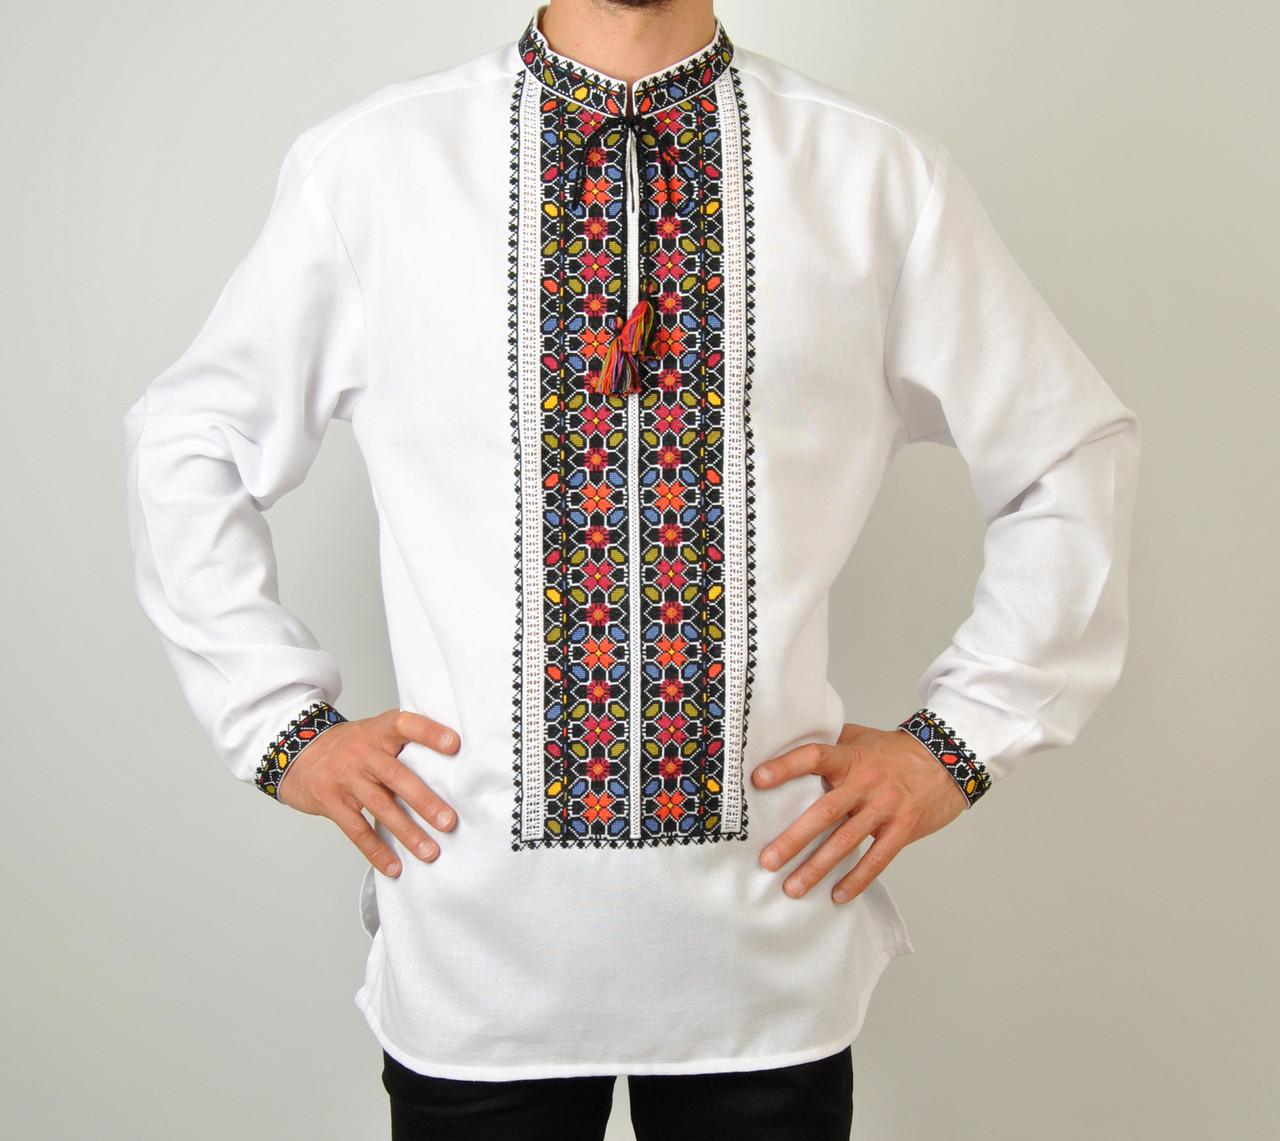 Біла чоловіча вишиванка на довгий рукав з кольоровим орнаментом ручної  роботи d0e4d13753c29